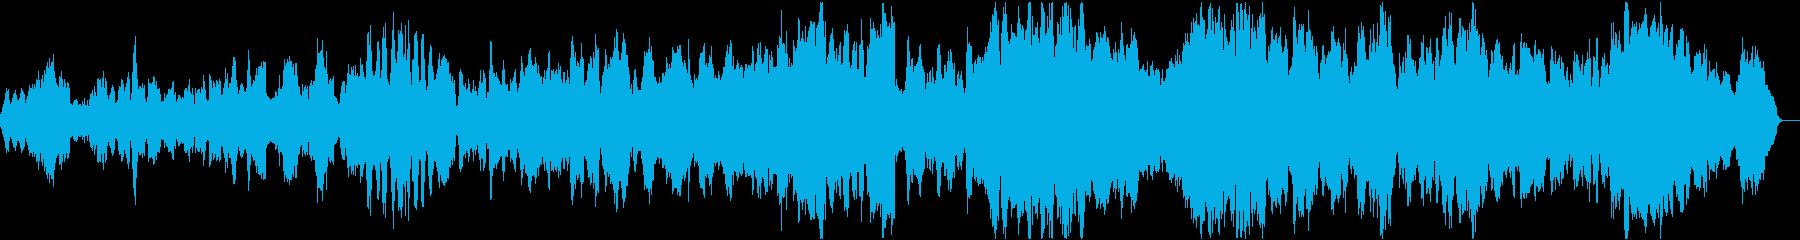 バッハ平均律クラヴィーア曲集カルテット2の再生済みの波形